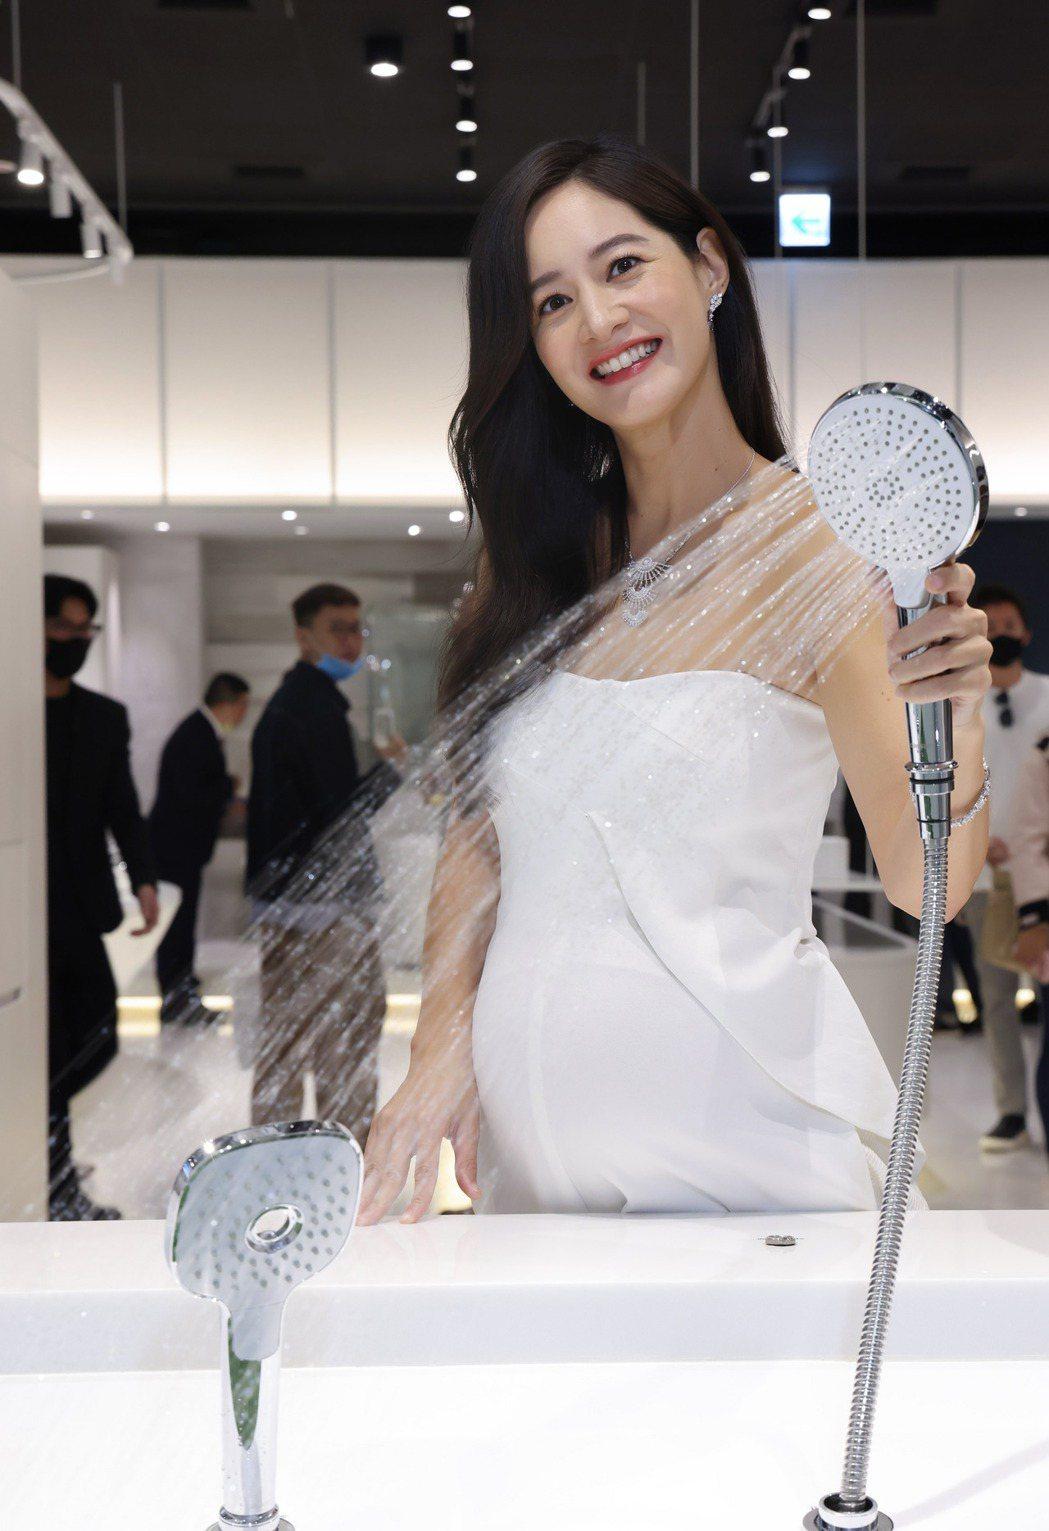 Janet喜歡沐浴兼有美容效果的獨特設計花灑。圖/星予公關提供